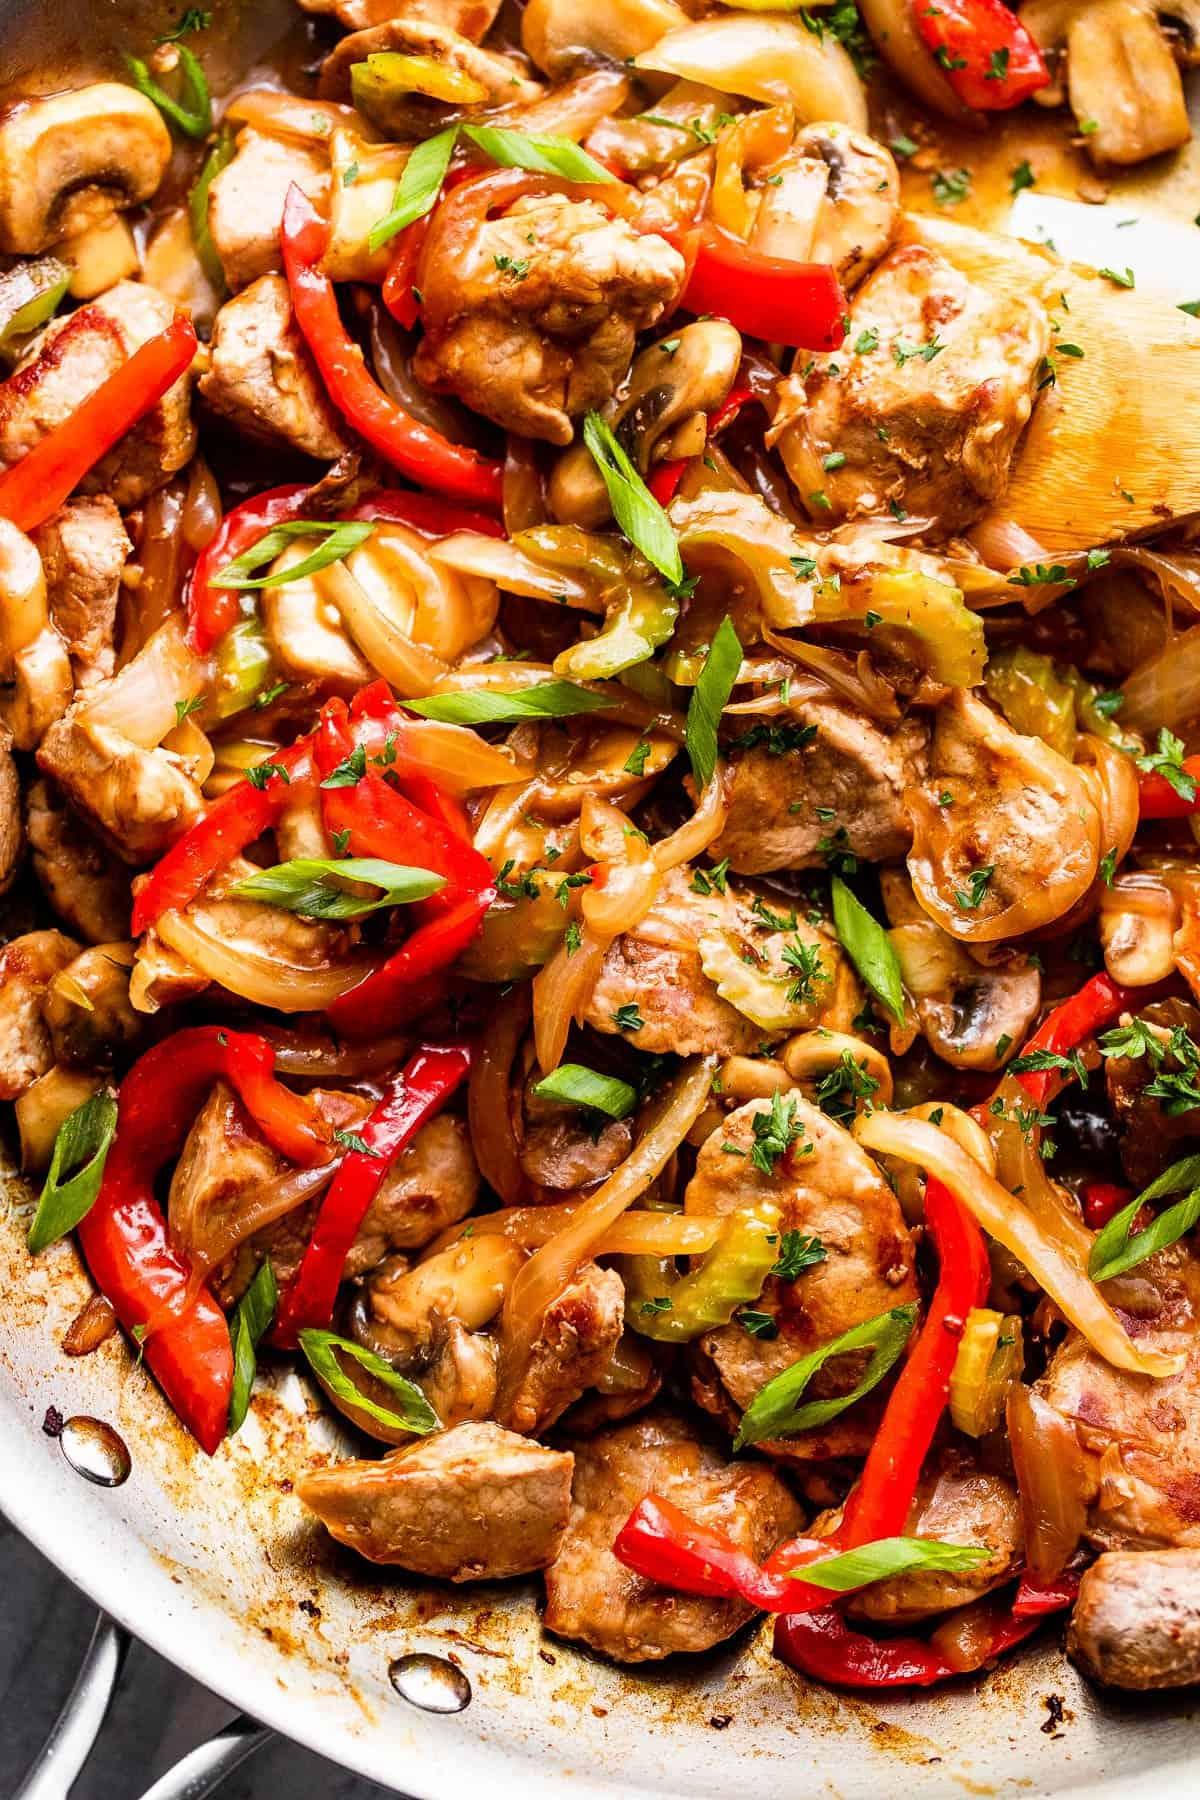 close up of pork chop stir fry